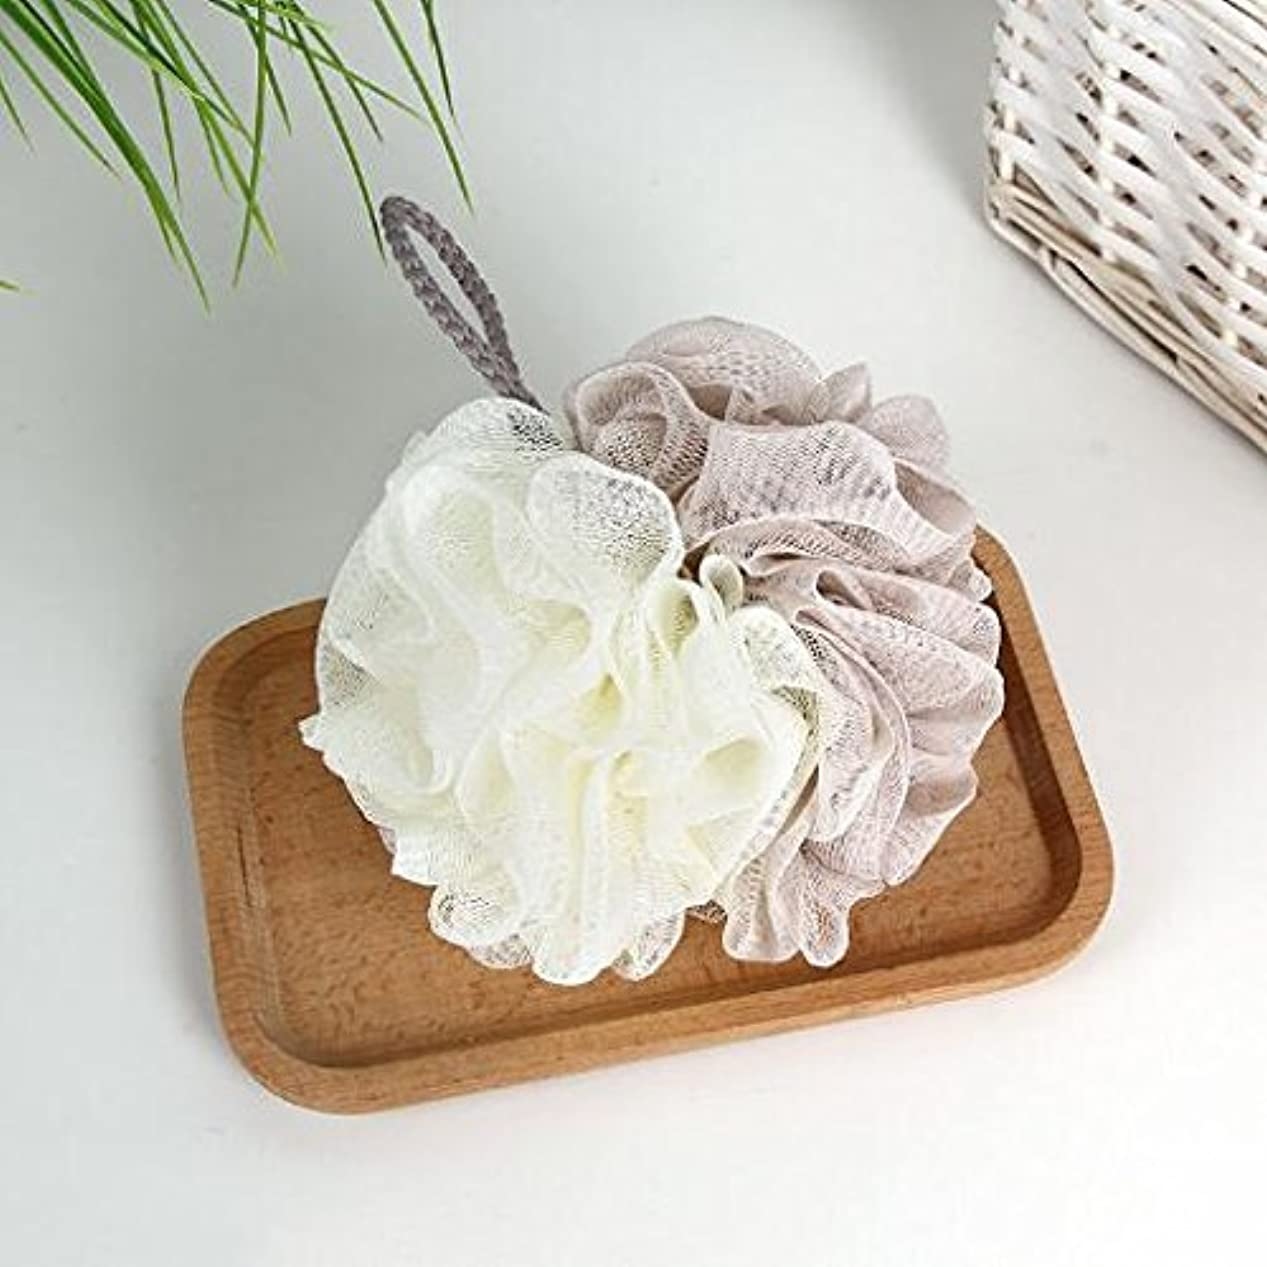 対話煙突対立[Chinryou] 泡立てネット ボディースポンジ 柔らかい 花形 お風呂用 ボールボディ用 シャボンボール 背中も洗える 泡肌美人 ふわわん (アプリコット)